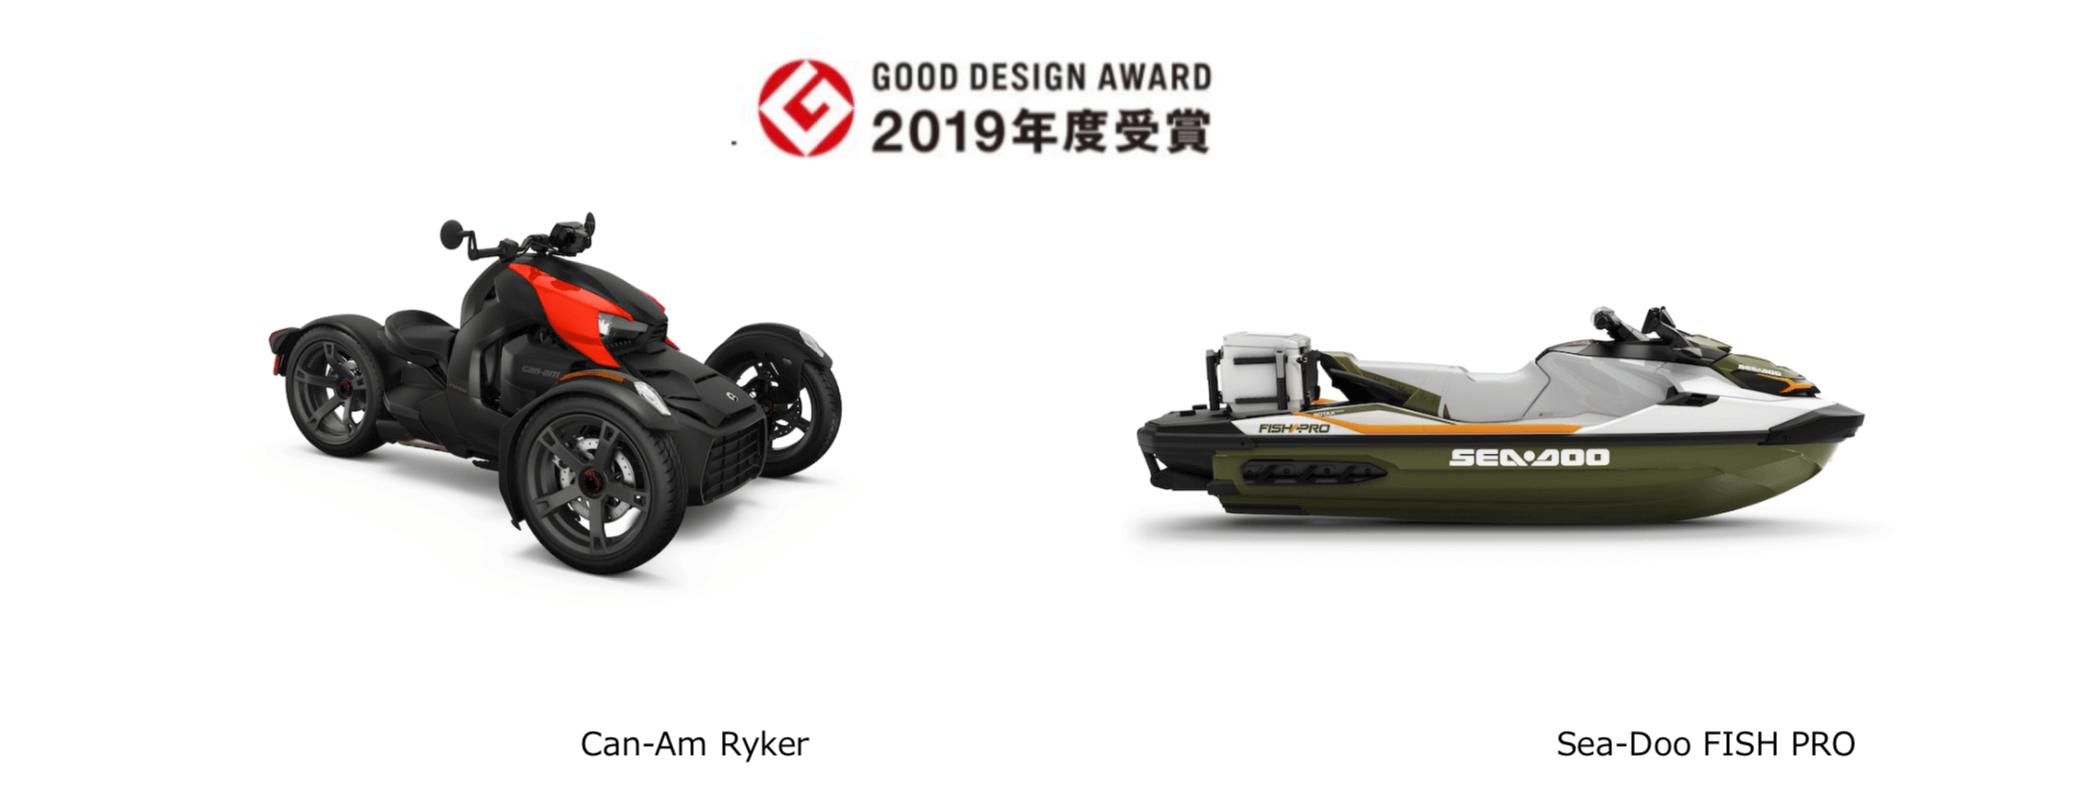 BRP社の3輪モーターサイクル「Can-Am Ryker」と水上バイク「Sea-Doo FISH PRO」が2019年度グッドデザイン賞をダブル受賞